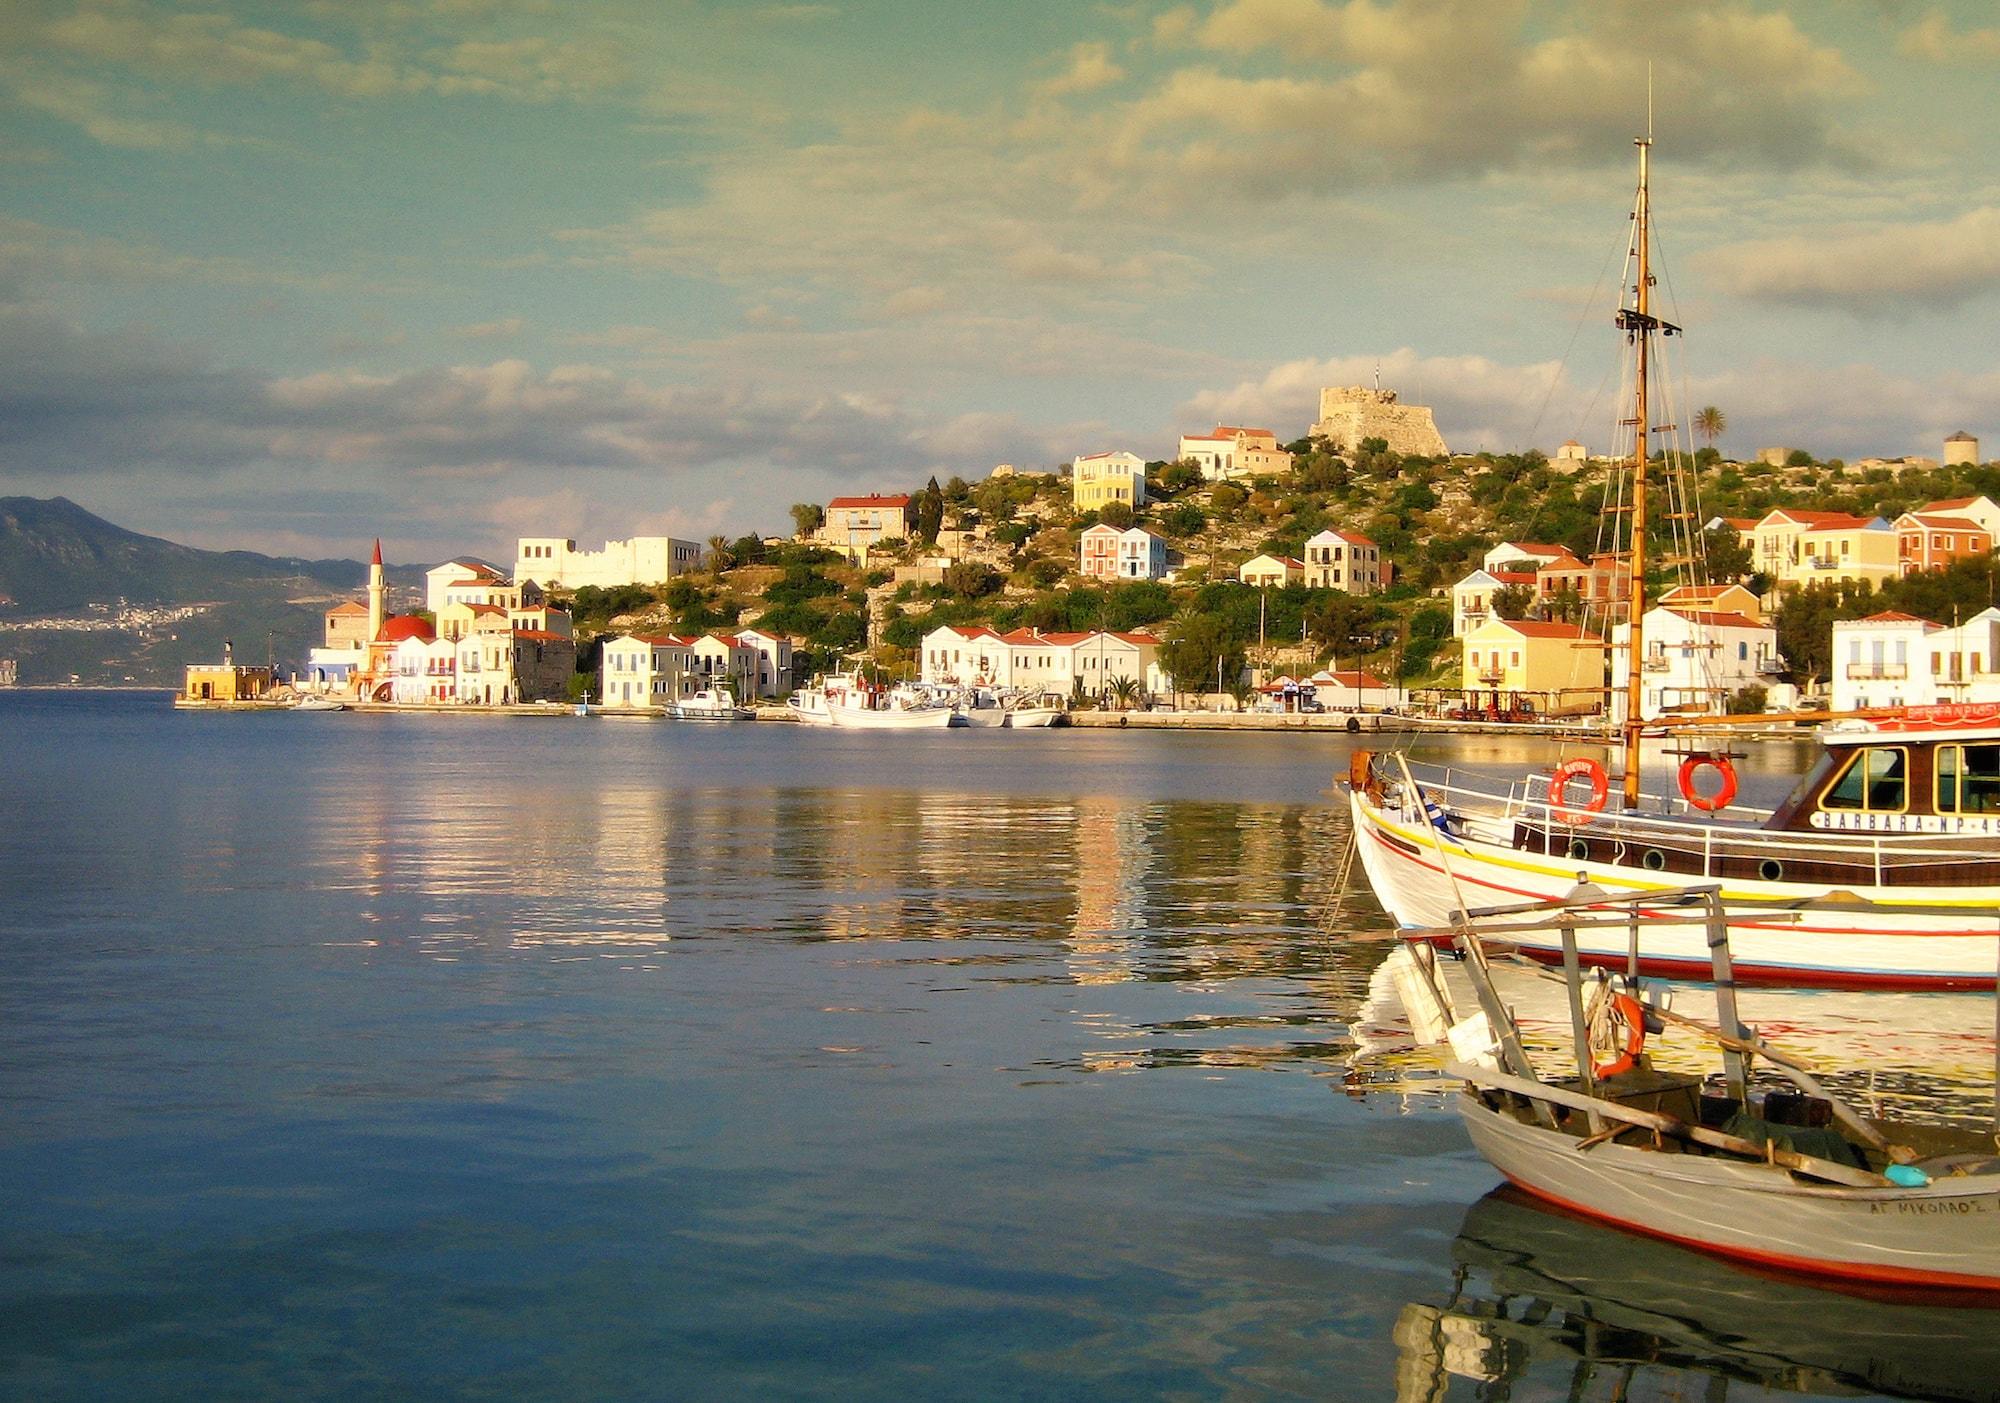 posti-covid-free-in-europa-dove-fare-un-viaggio-le-isole-in-grecia